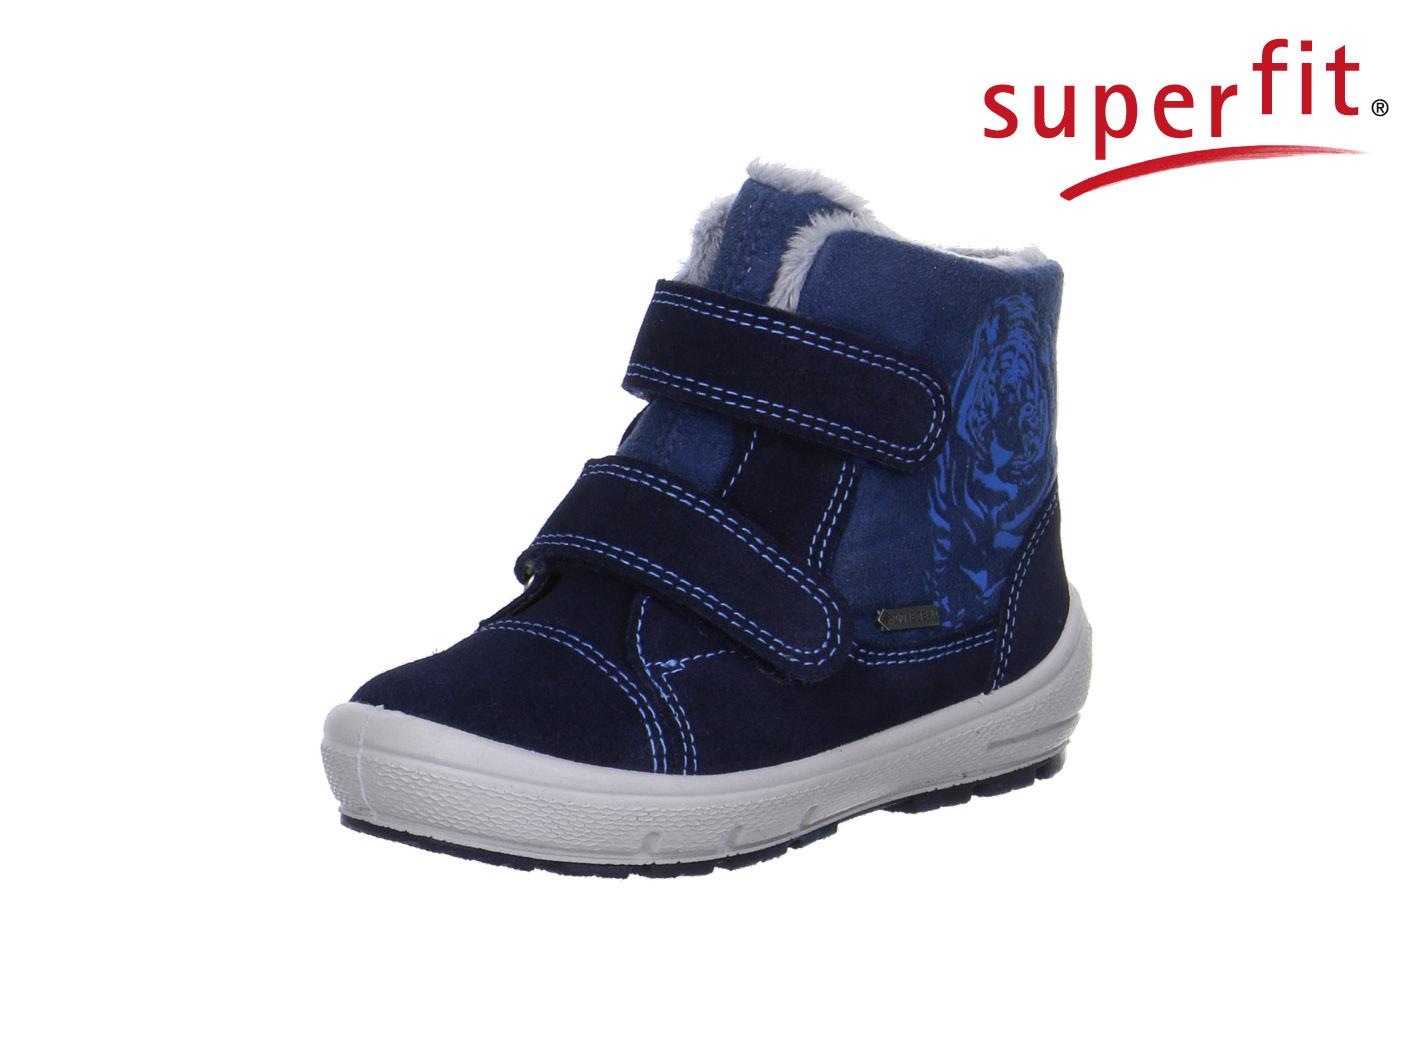 3caf5109db Superfit sötétkék-középkék, tigrises, bundás, vízálló bakancs - Cipők -  Trendi Kölyök Gyerekcipő webáruház - Szekszárd